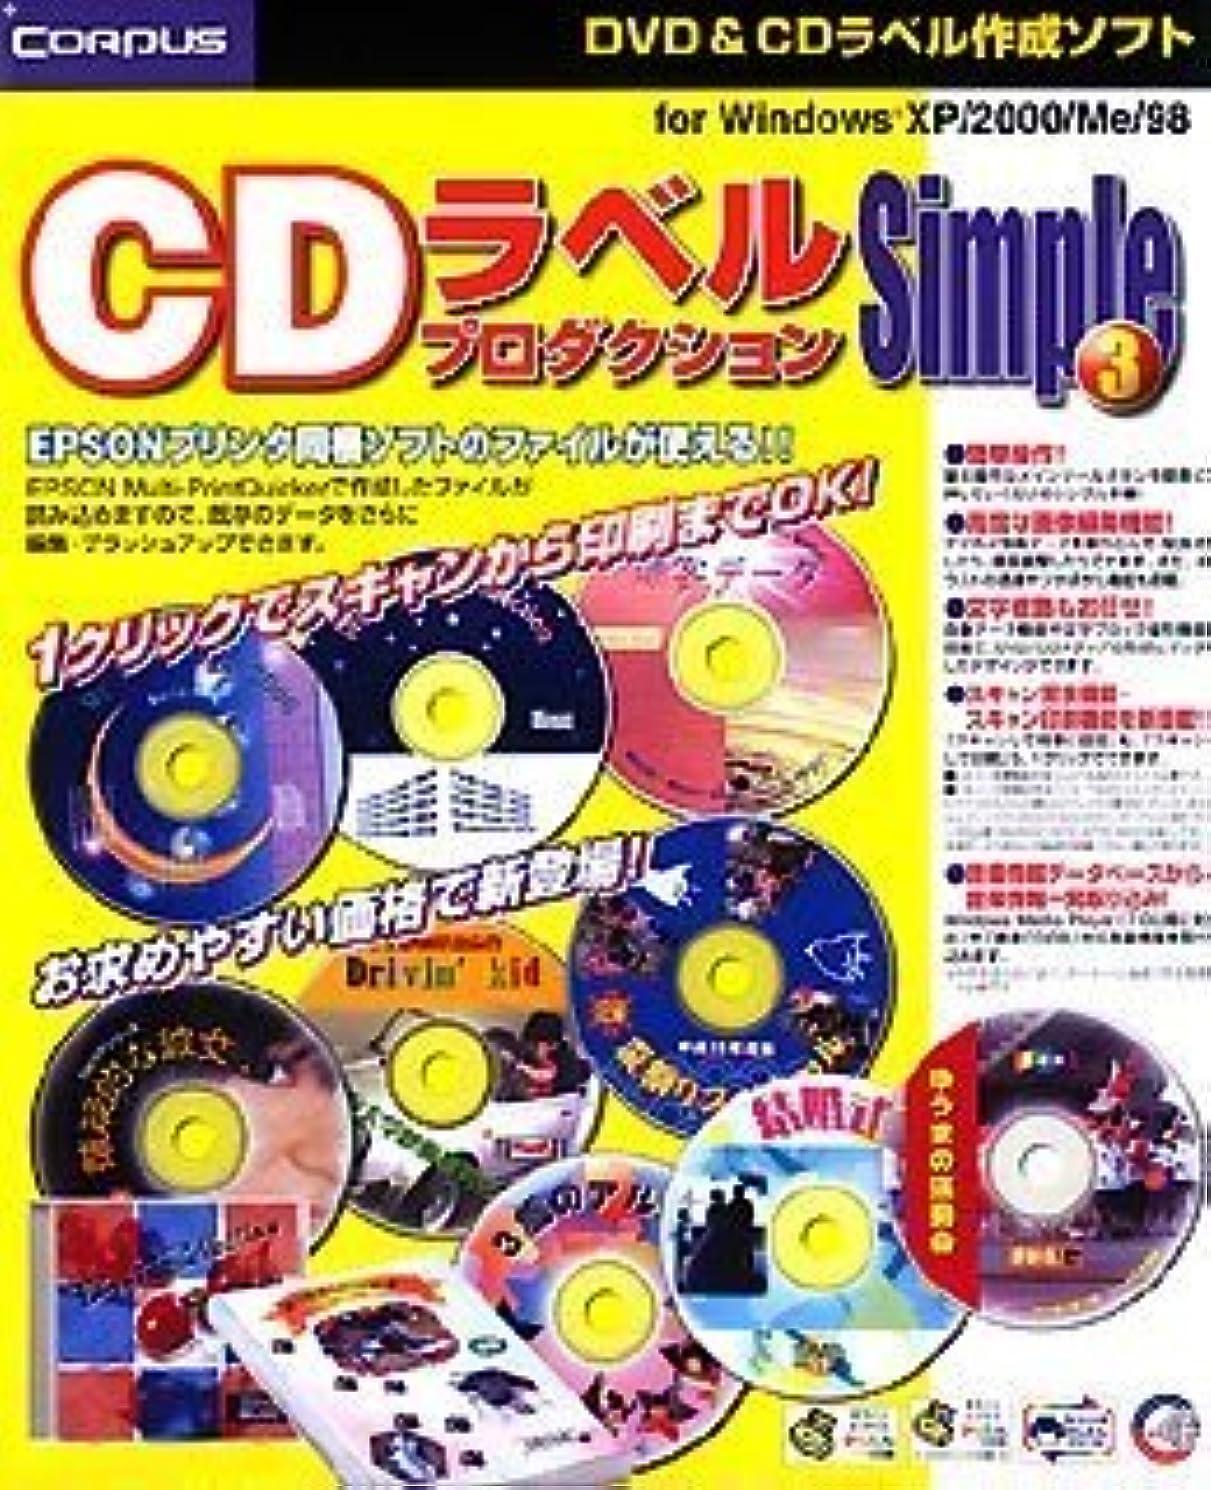 衝撃アーク水没CDラベルプロダクション Simple 3